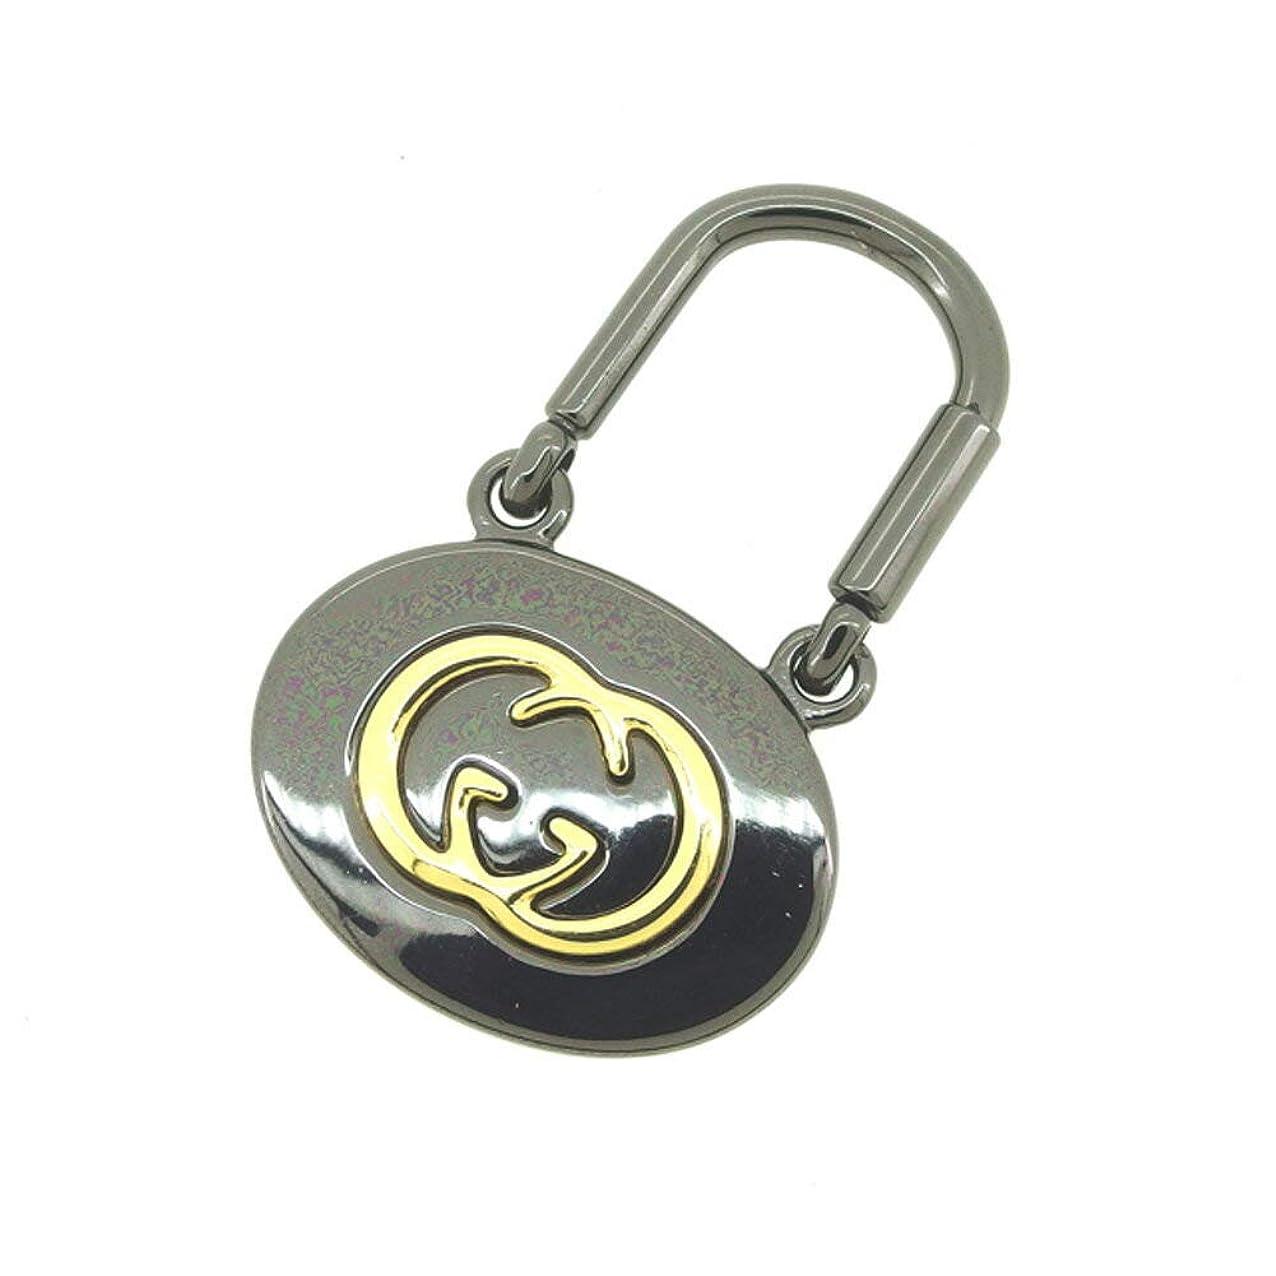 仲介者キャスト繊毛(グッチ) Gucci キーホルダー キーリング ゴールド ブラック インターロッキング レディース メンズ T8600